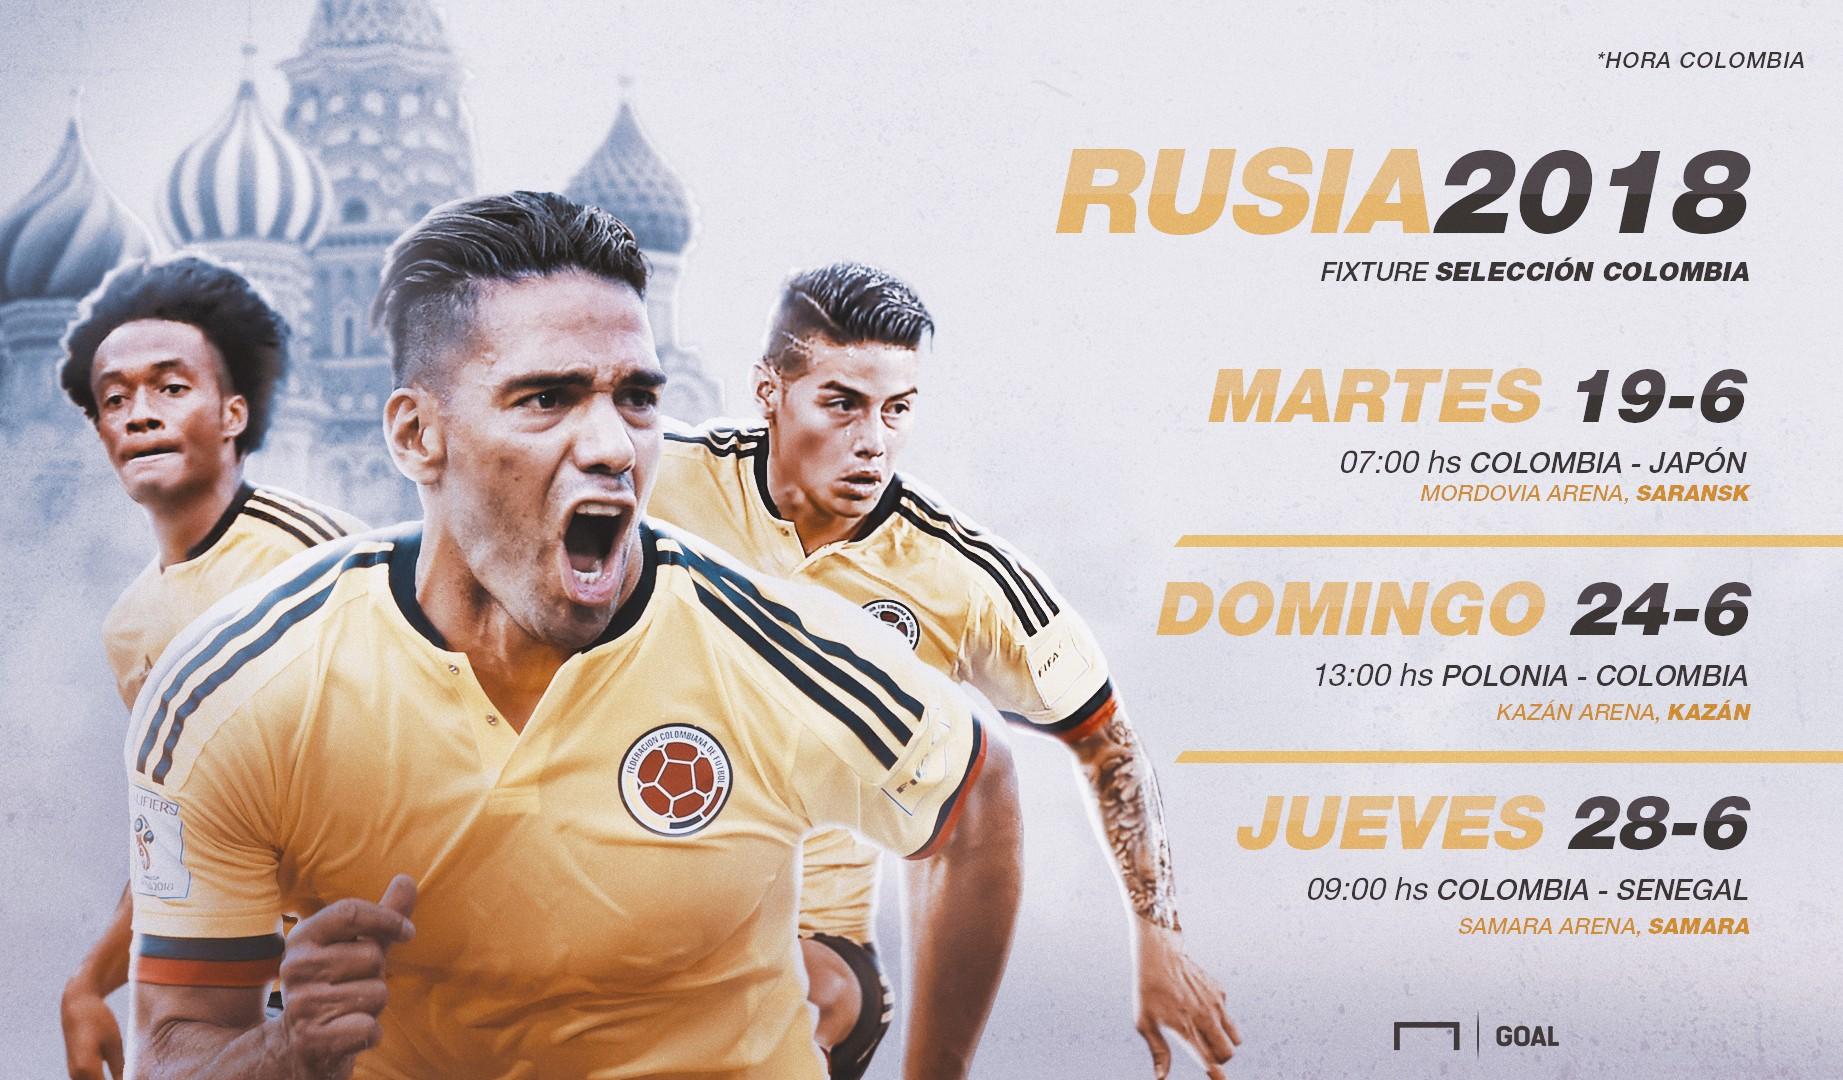 Colombia Martes 19 de junio Polonia 1 2 Senegal estadio del Spartak